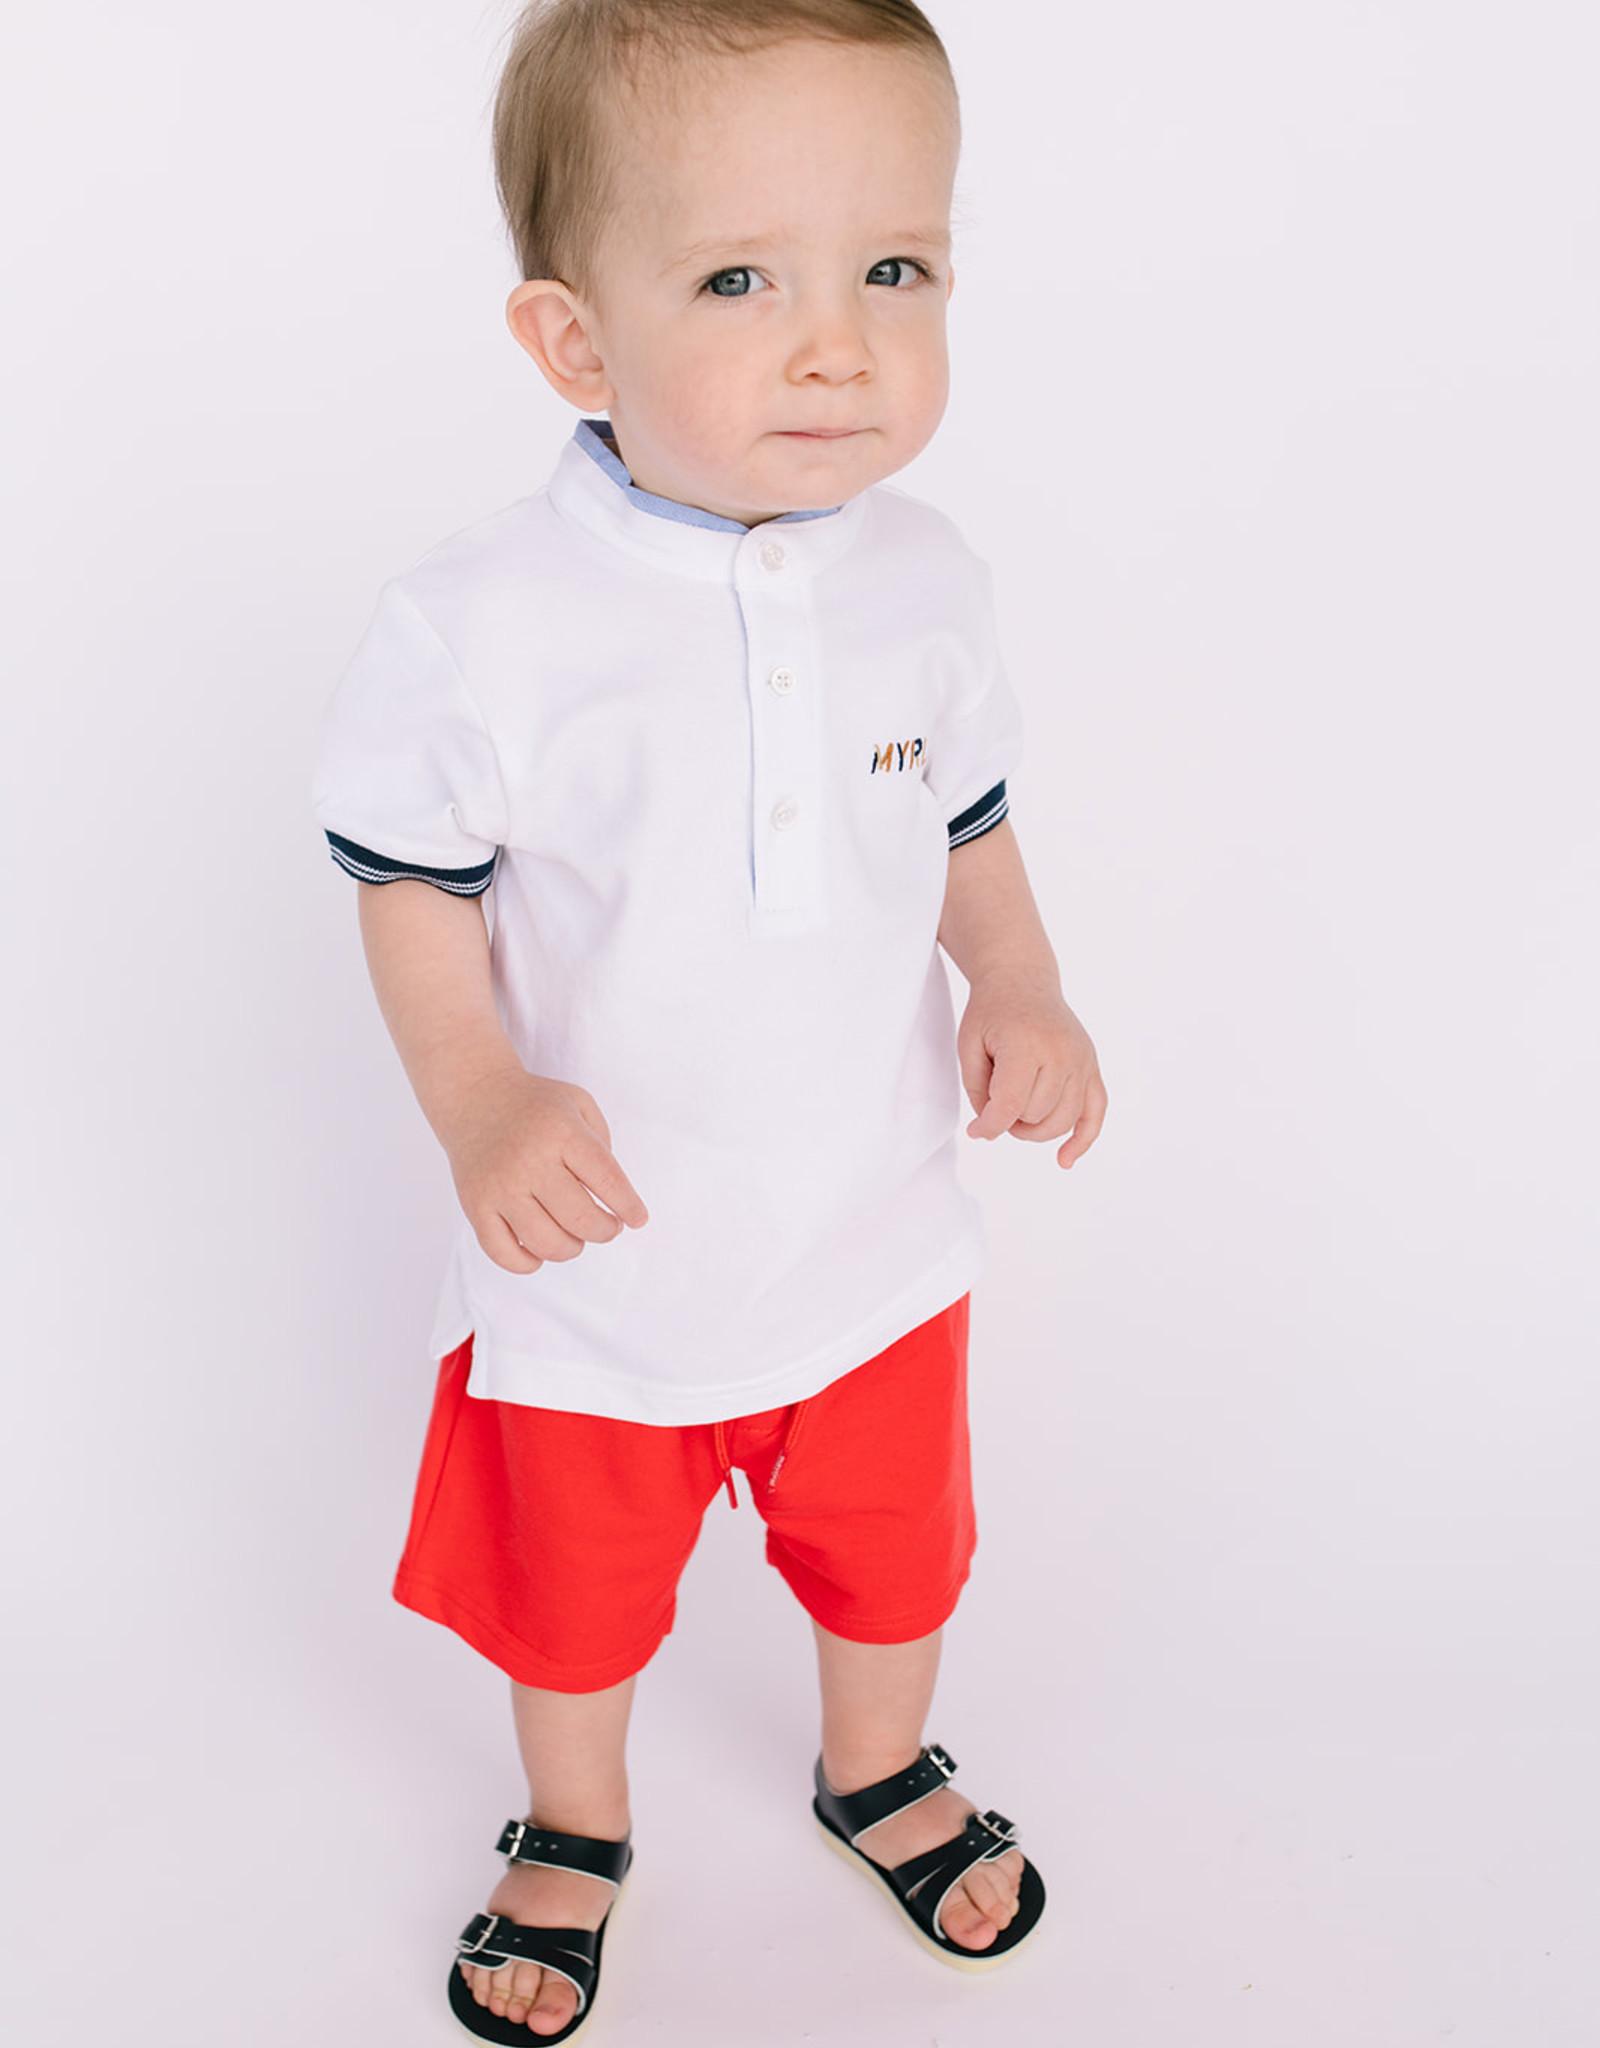 Mayoral Infant Fleece Short - 2 colors